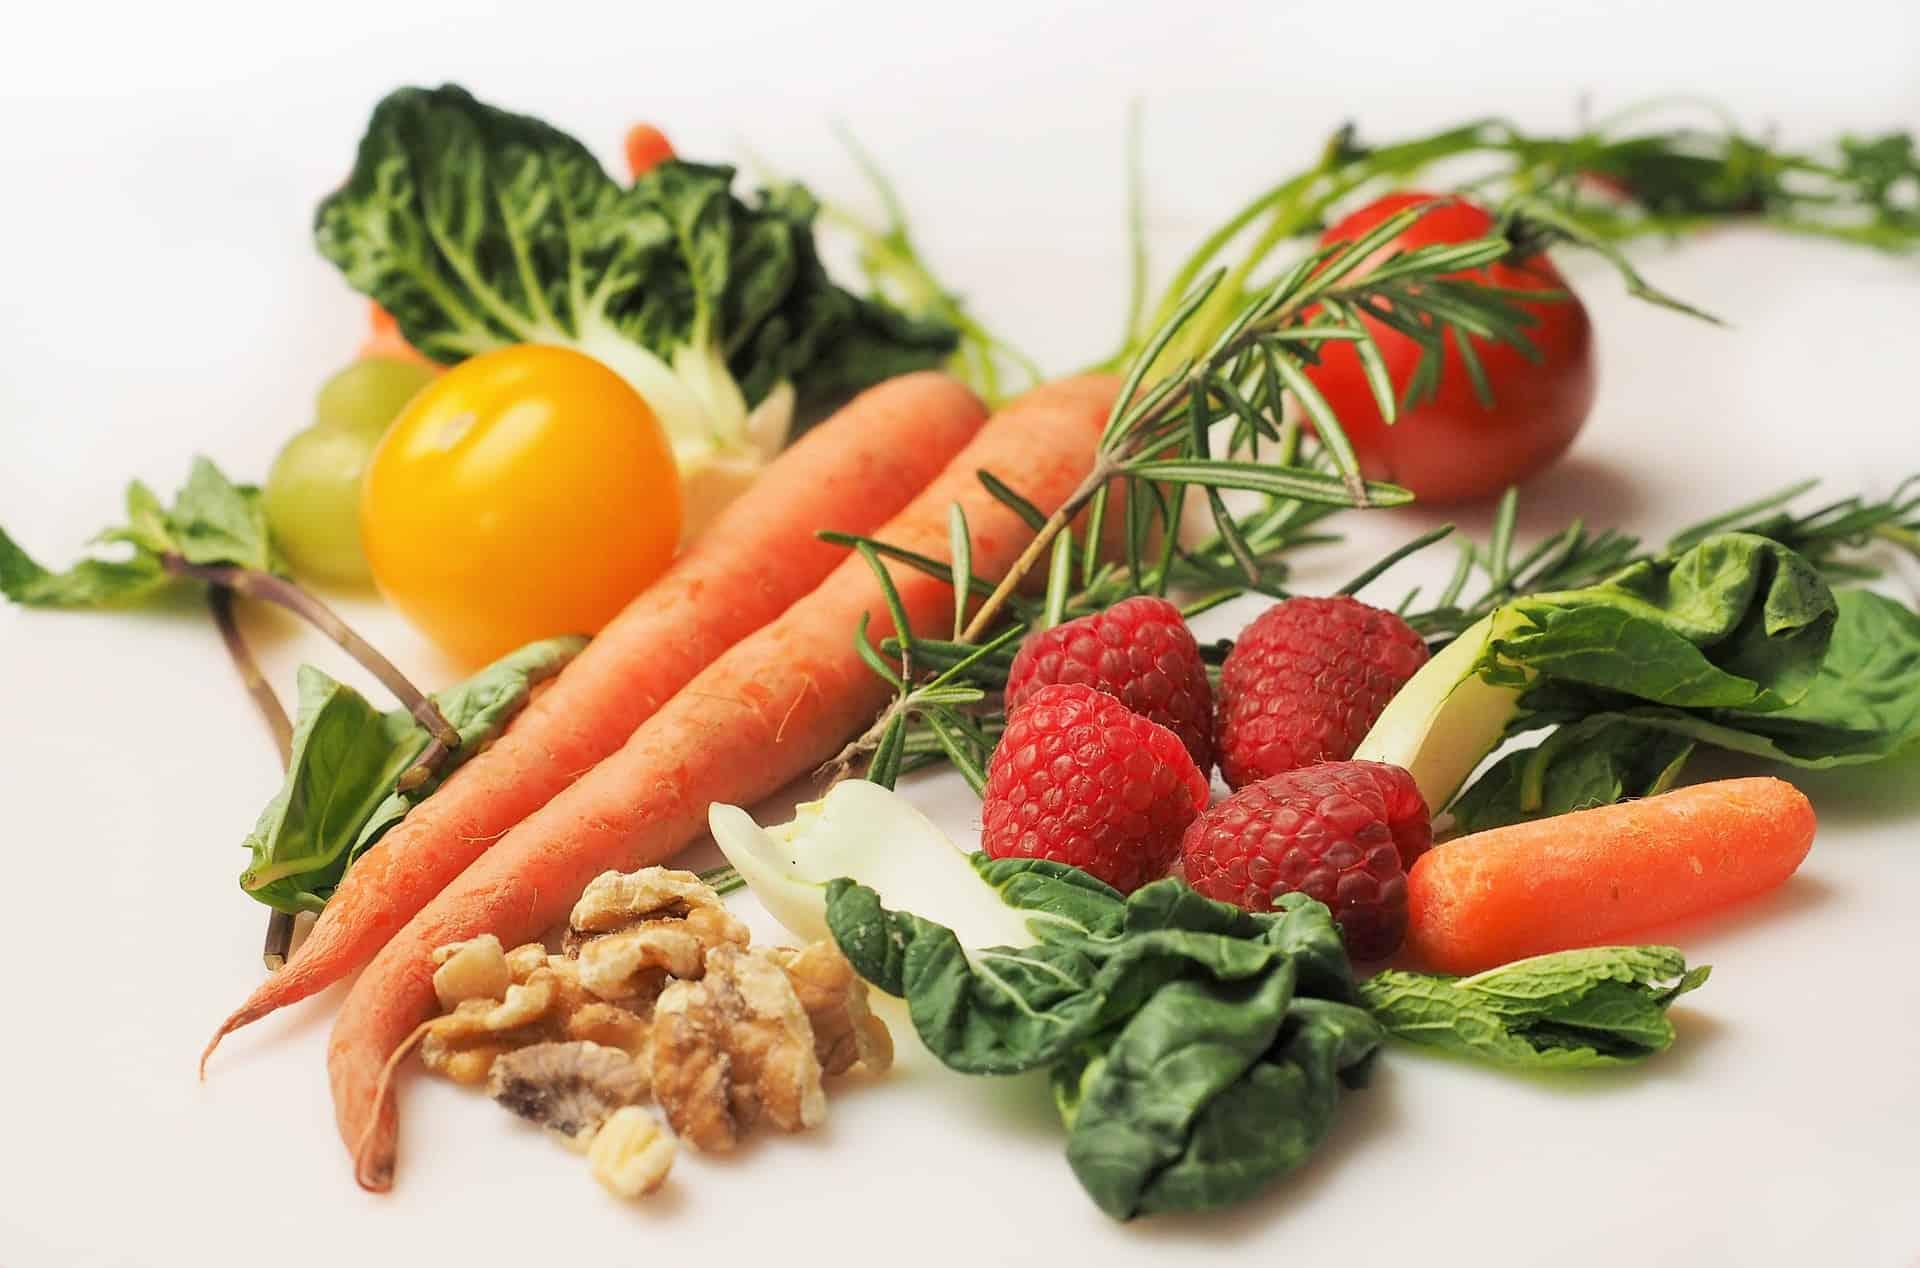 Alimentația vegană este într-adevăr sănătoasă? 1